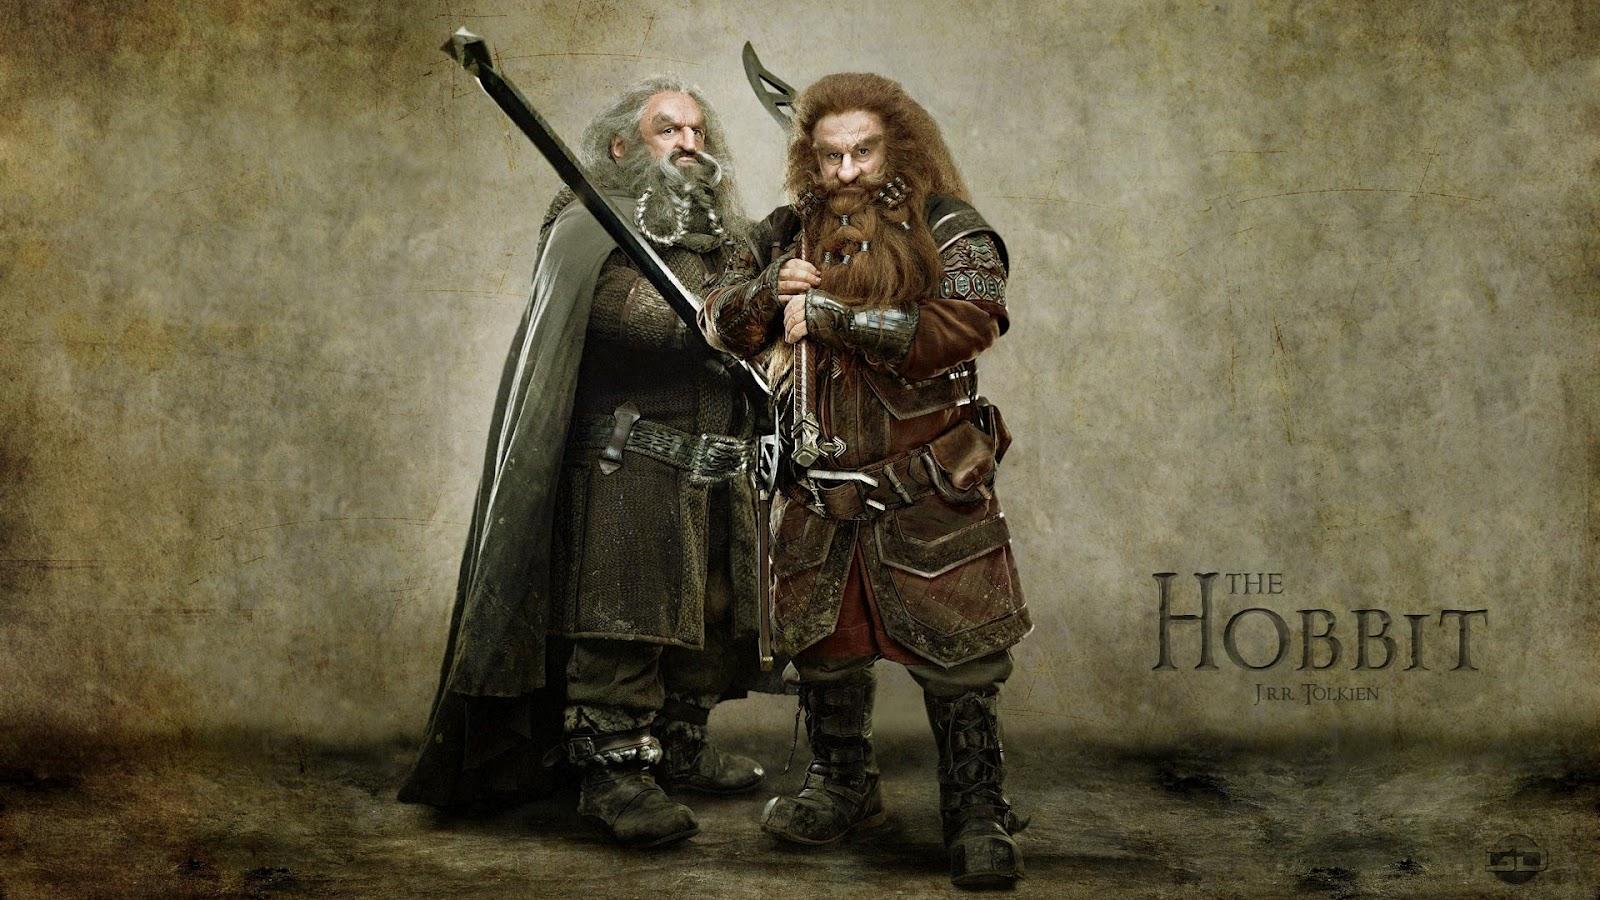 http://3.bp.blogspot.com/-V-hewso3HNw/T7L-t79Qq-I/AAAAAAAAEfM/UrKgMXfNXk4/s1600/The+Hobbit+An+Unexpected+Journey+HD+Wallpaper+7.jpg